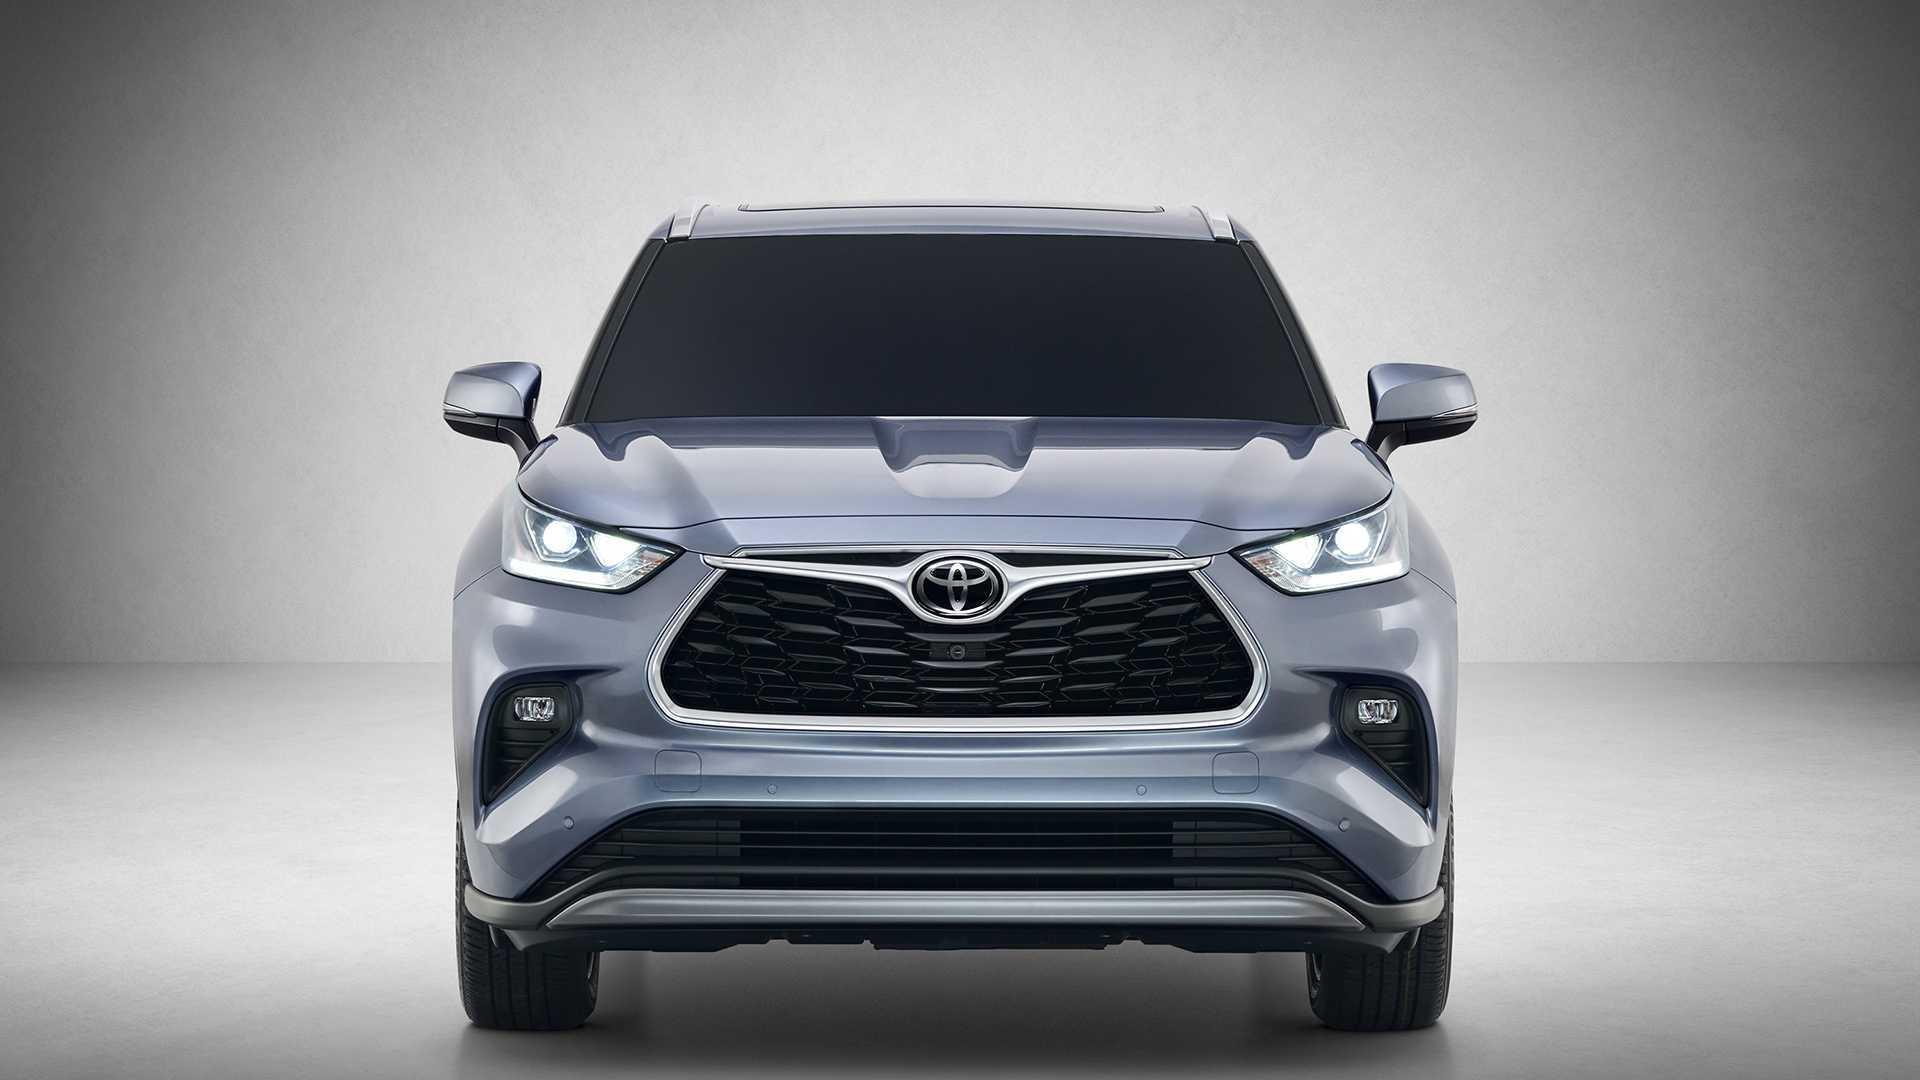 2020款丰田汉兰达官图曝光,外观像新款RAV4,新增混合动力